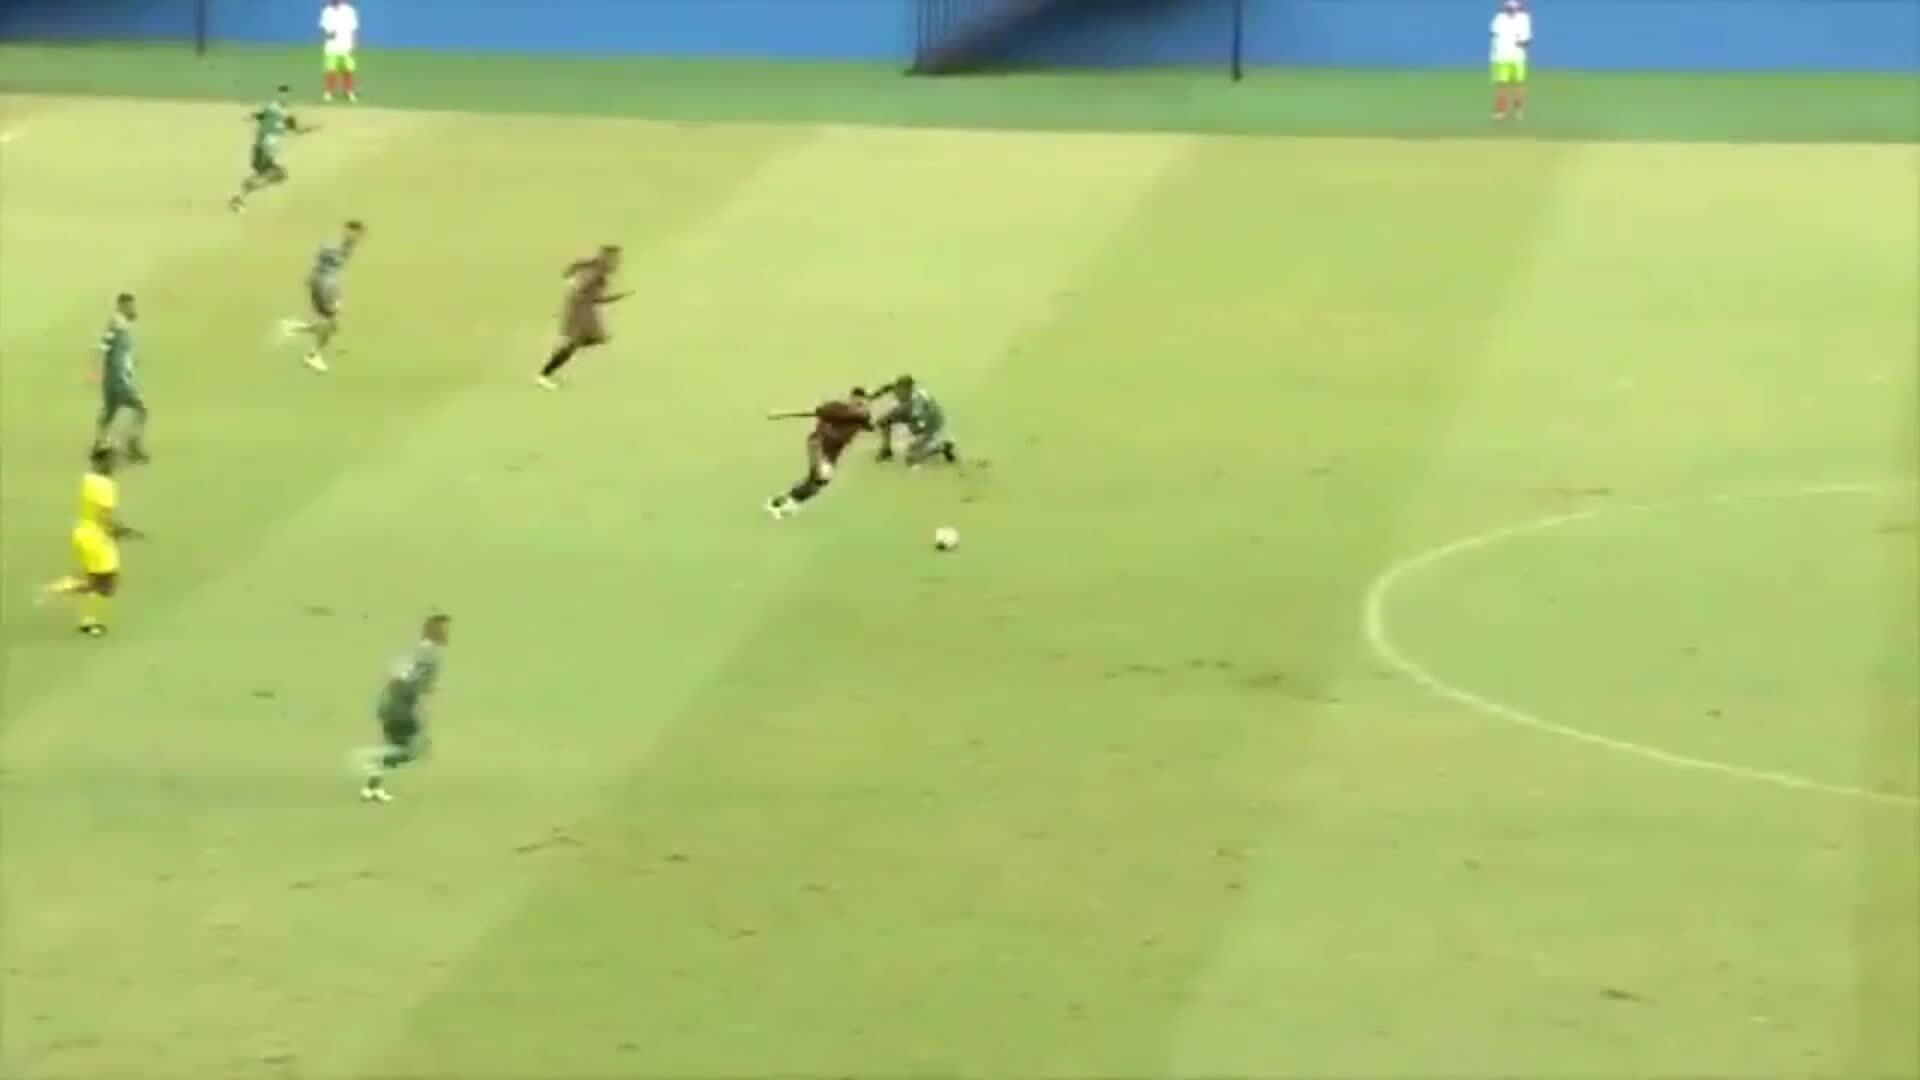 Cầu thủ ghi bàn từ khoảng cách 70 mét